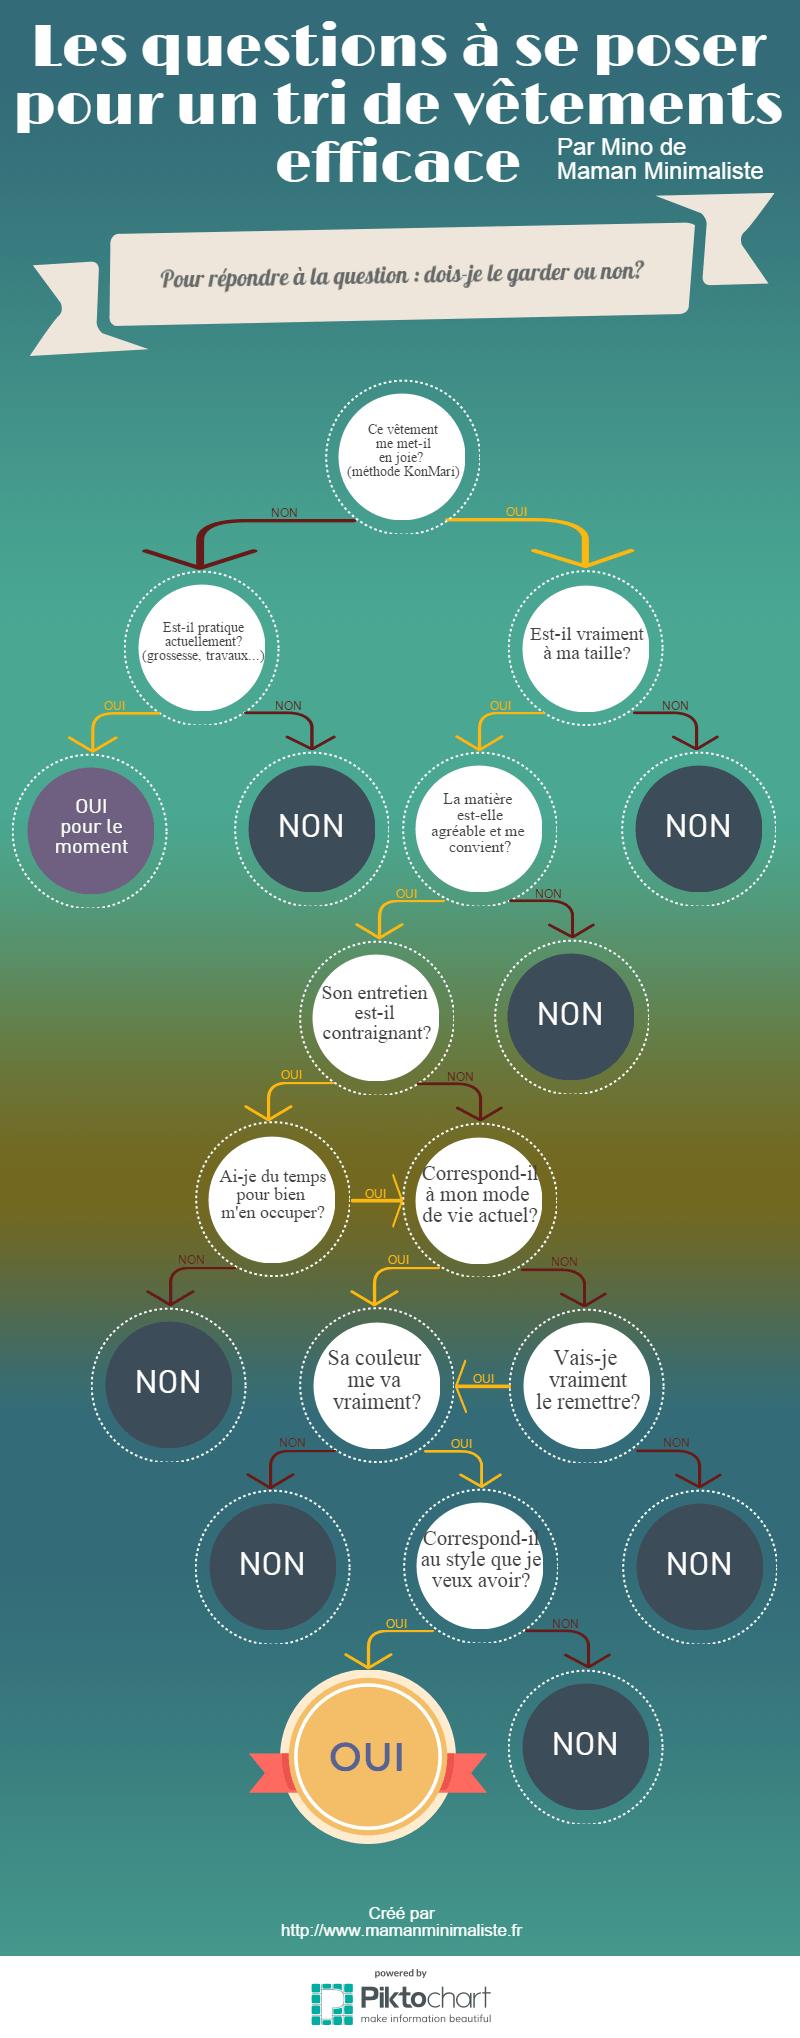 Une infographie qui liste les questions à se poser durant un tri de vêtements, dont la fameuse question de la méthode KonMari